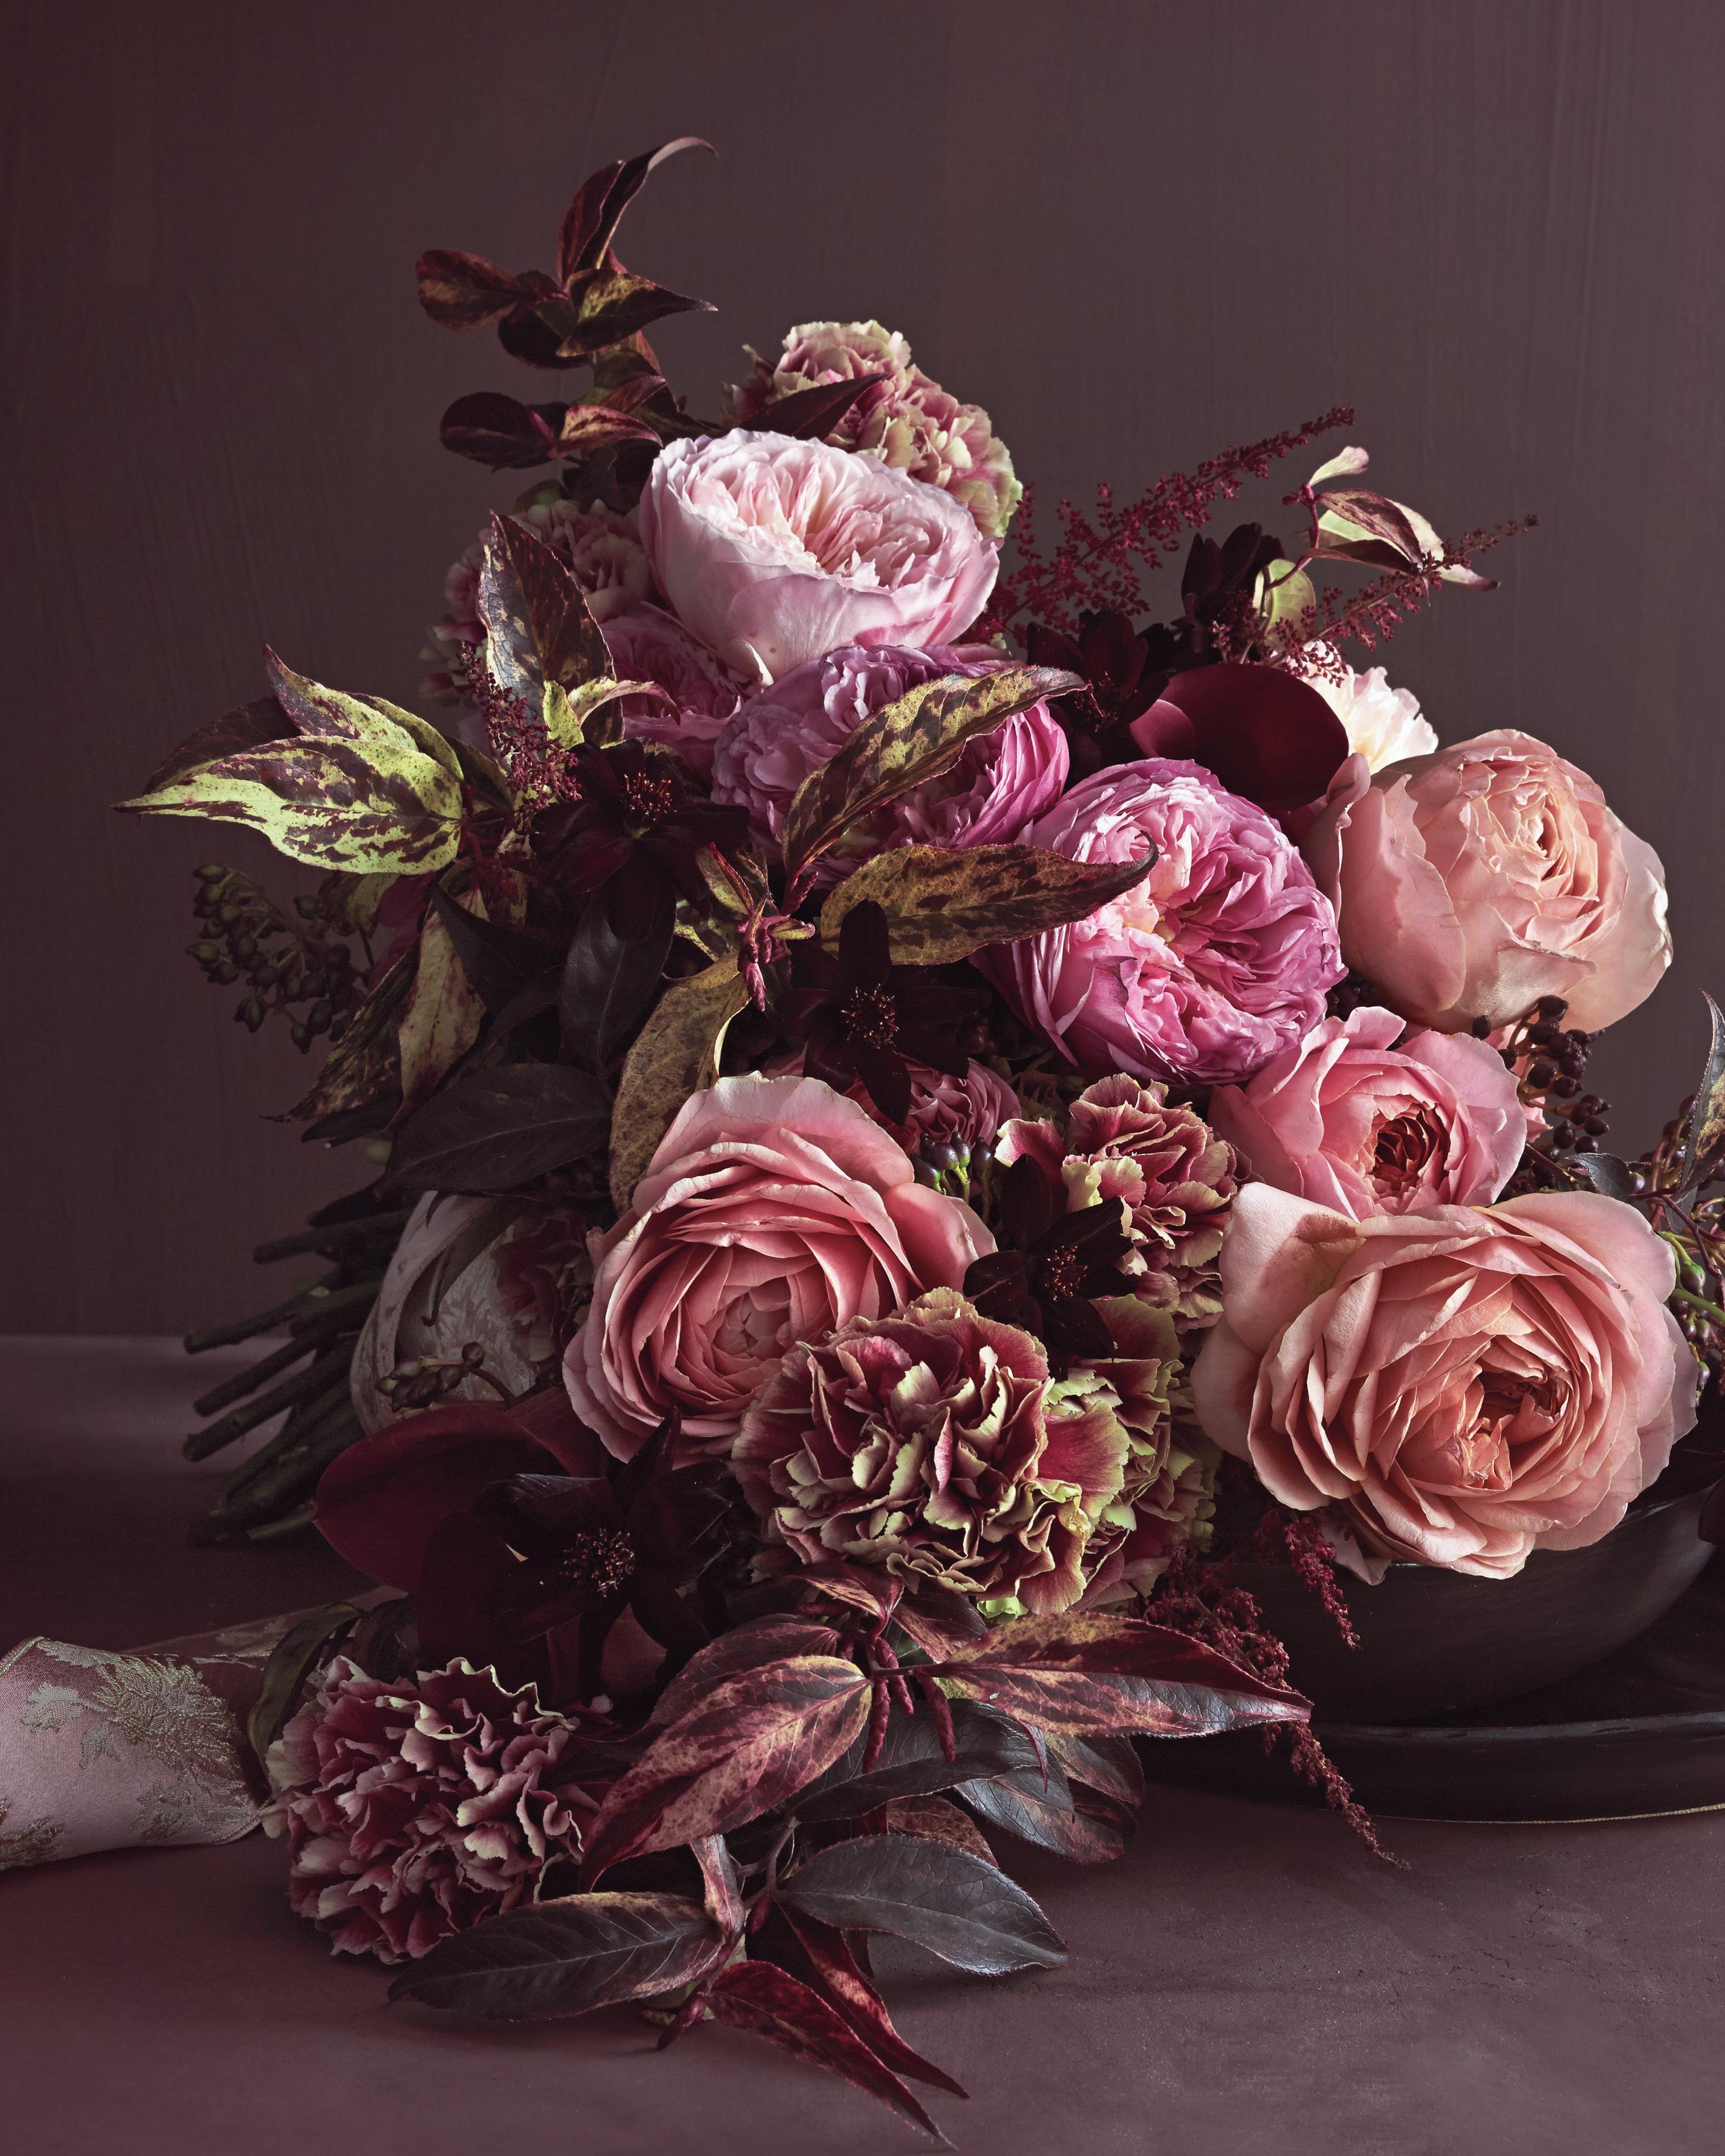 fall-1-bouquet-flowers-112-d111785.jpg